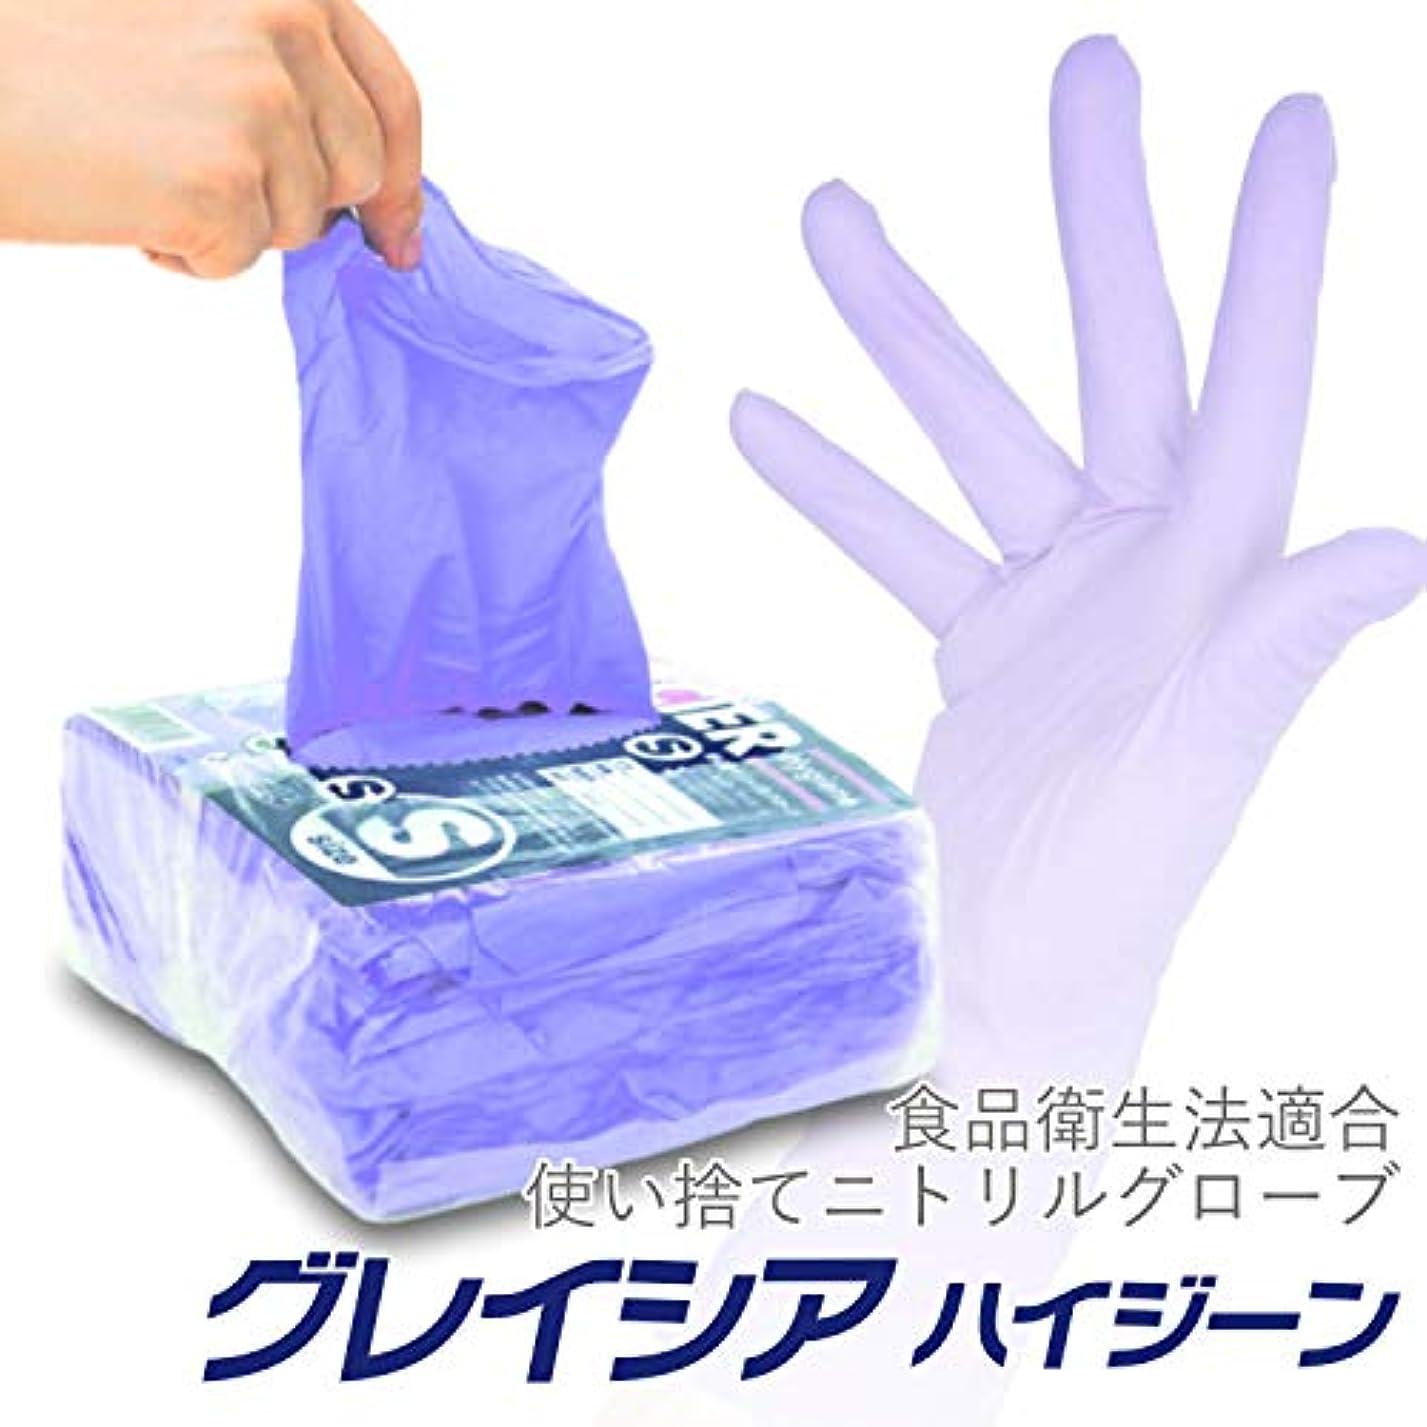 何か踊り子教養がある食品衛生法適合 ニトリル手袋 グレイシアハイジーン Sサイズ 【お徳用:125枚/パック】 GH-02-01